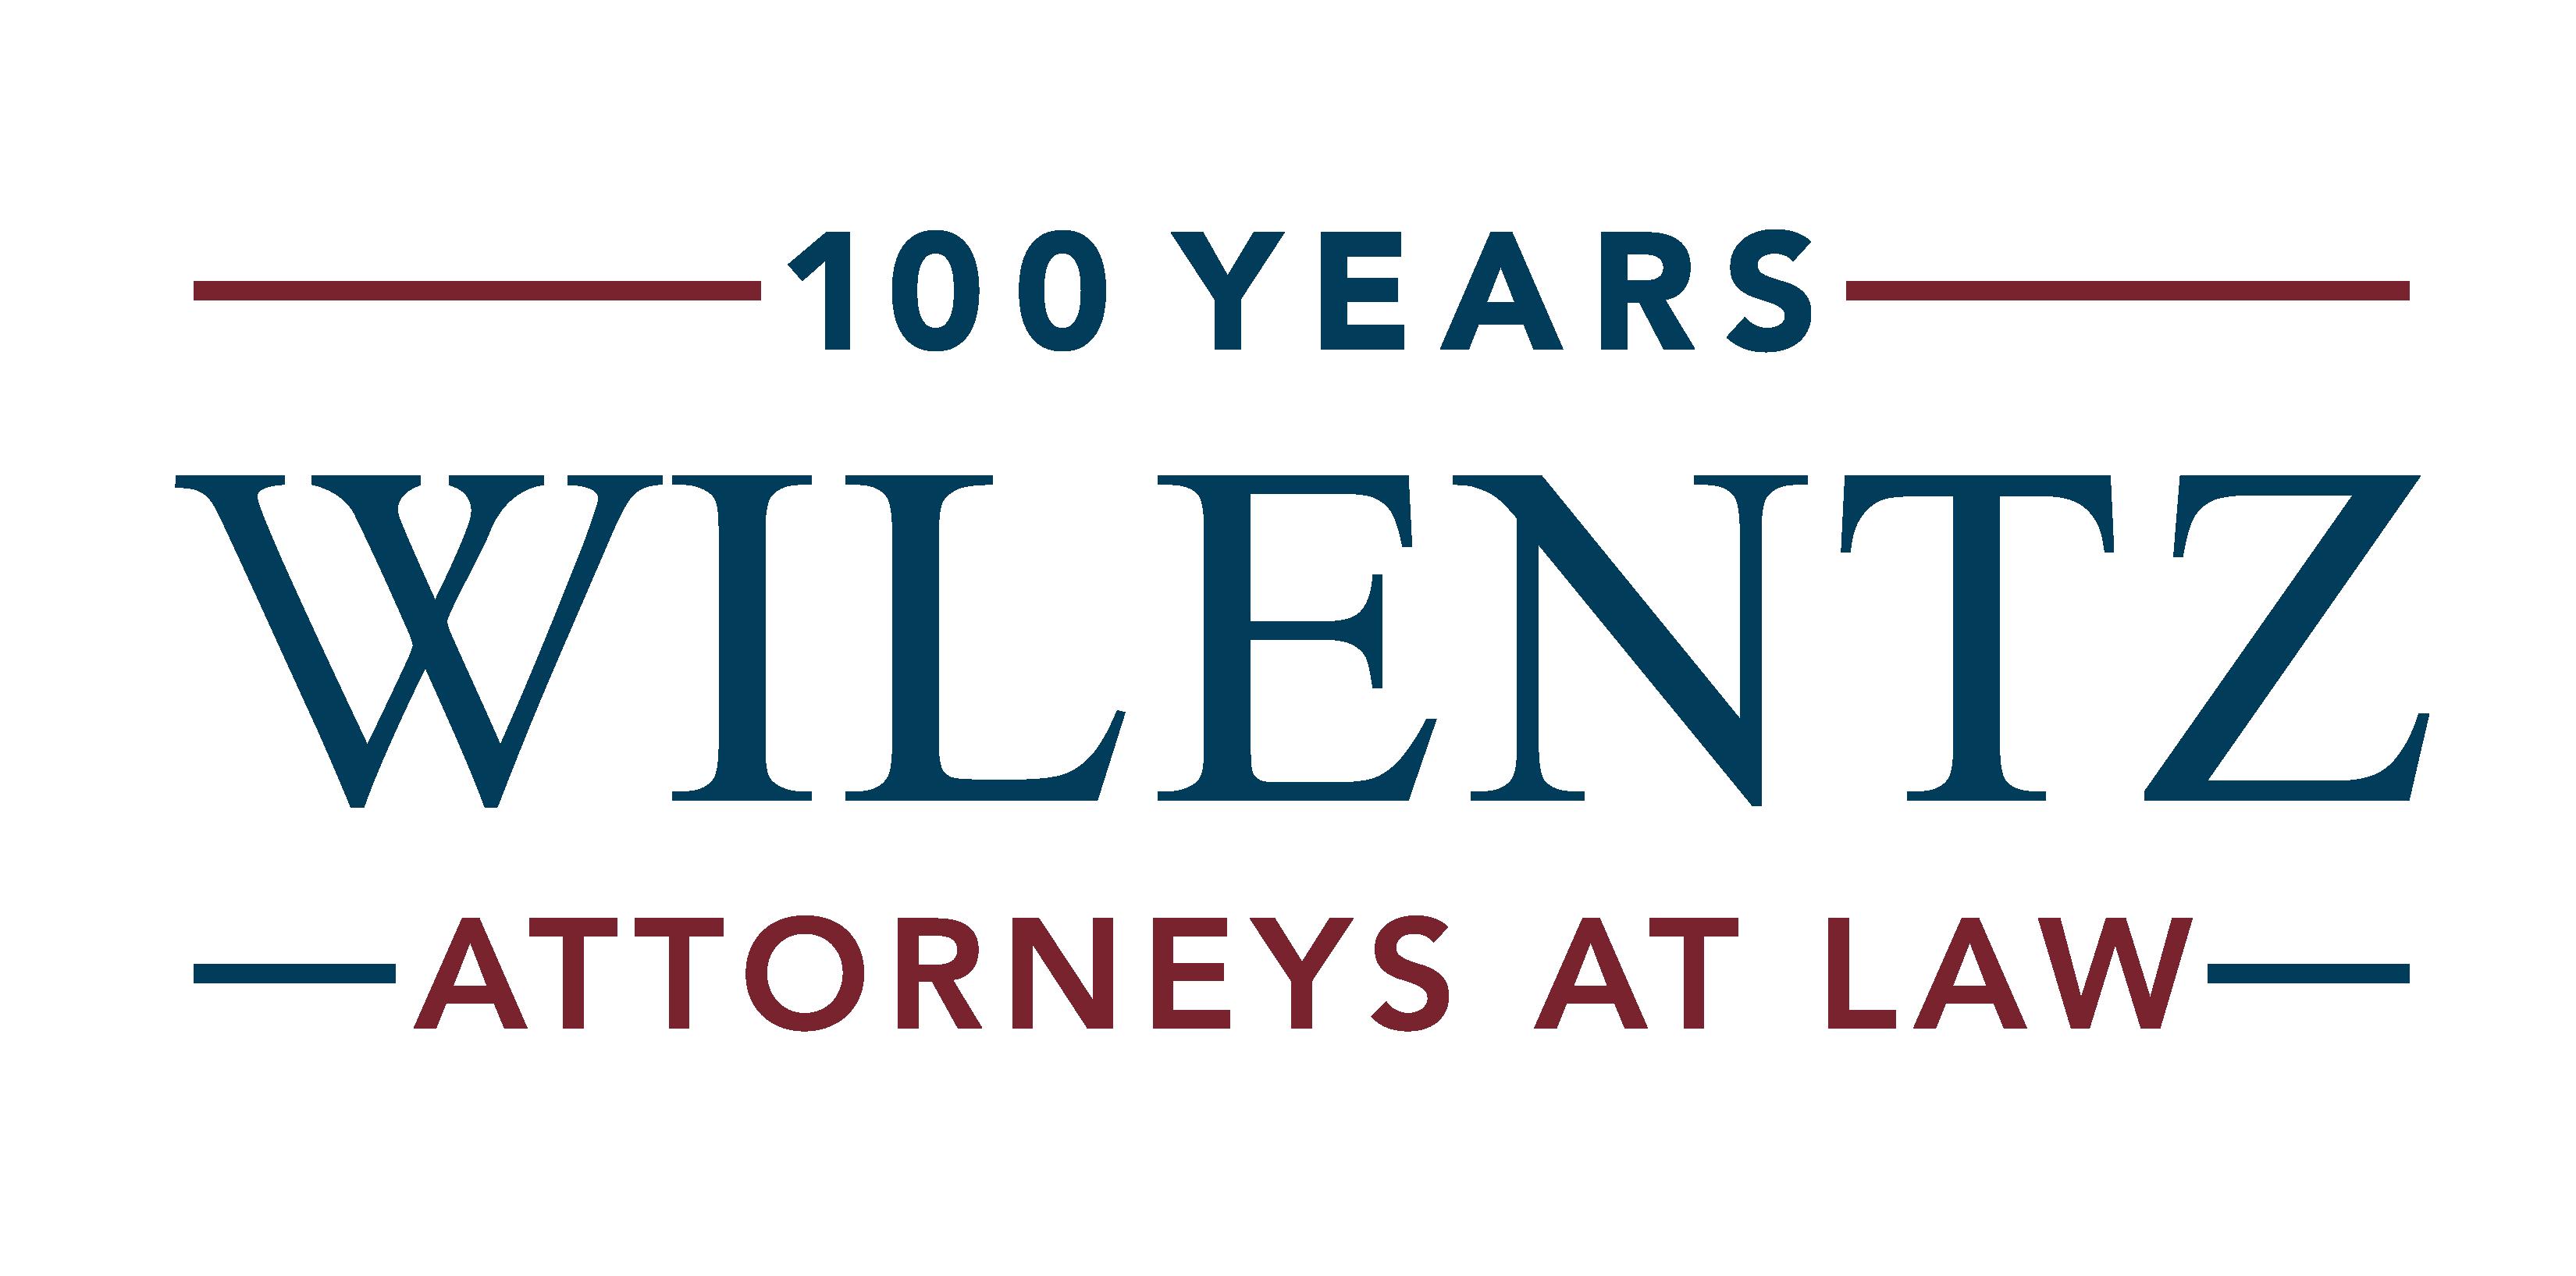 Wilentz 100 year anniversary logo